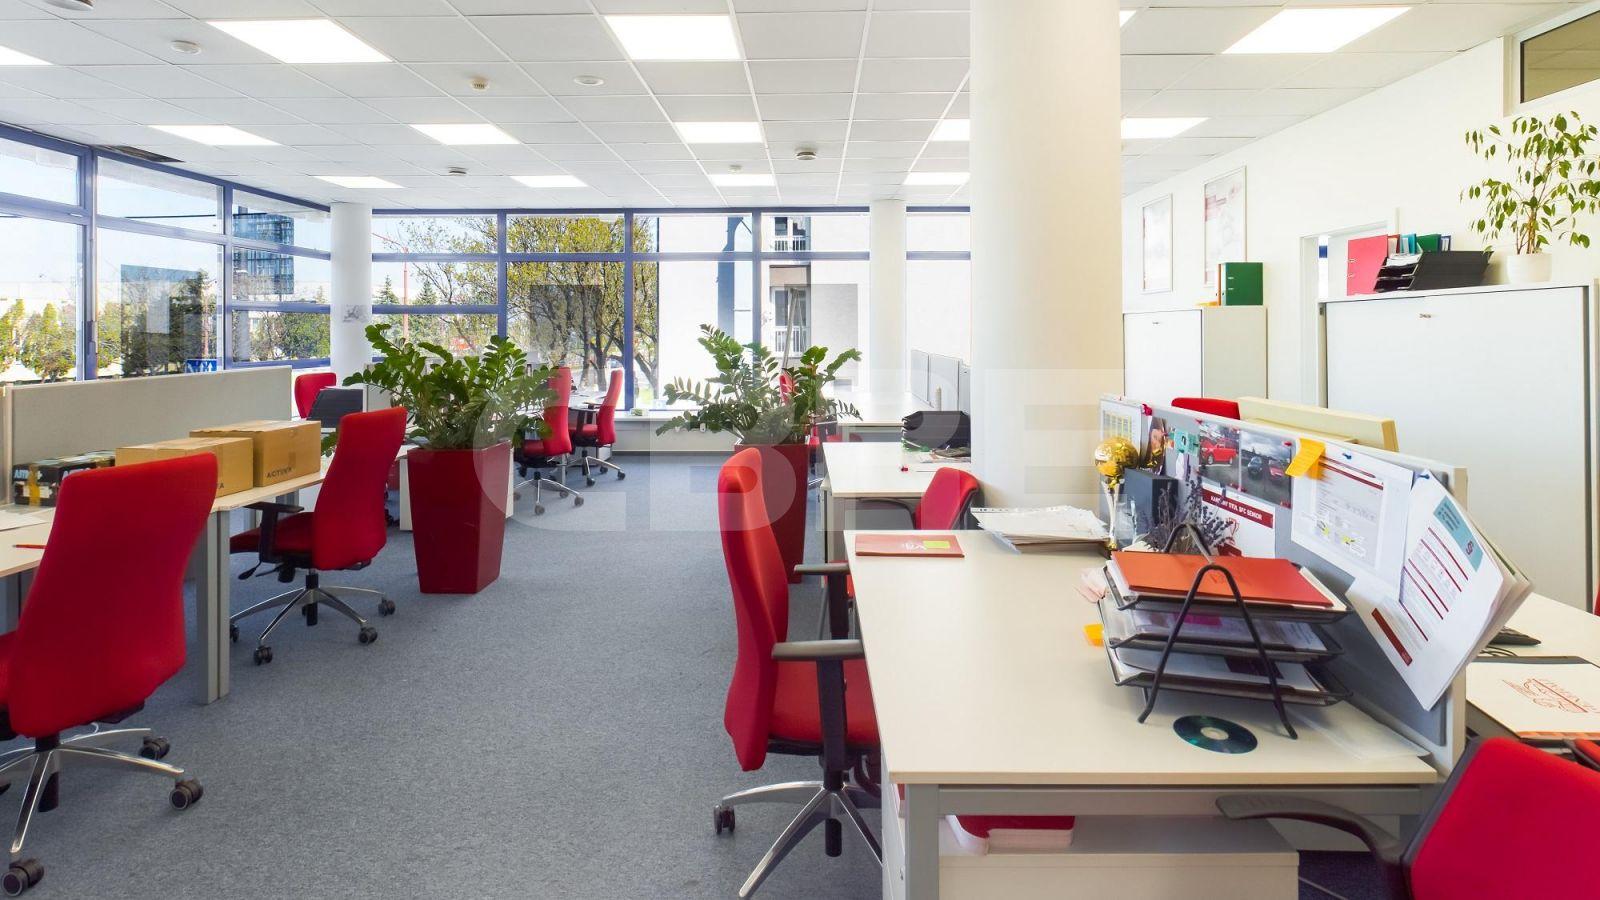 Trnavská cesta Business Center, Bratislava - Nové Mesto | Offices for rent by CBRE | 3